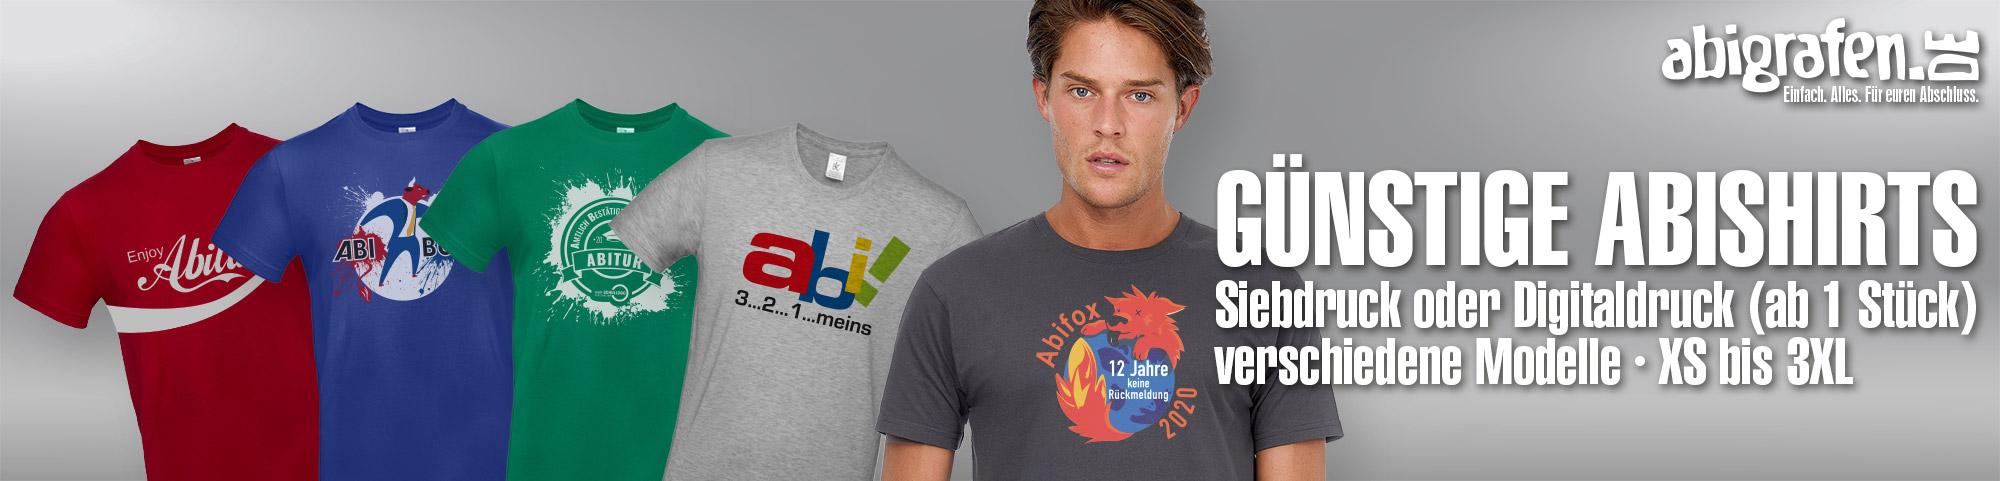 hochwertiger Textildruck auf T-Shirts, Abishirts, Abschlussshirts (Abi Motto/Stufenliste) - ab 1 Stück